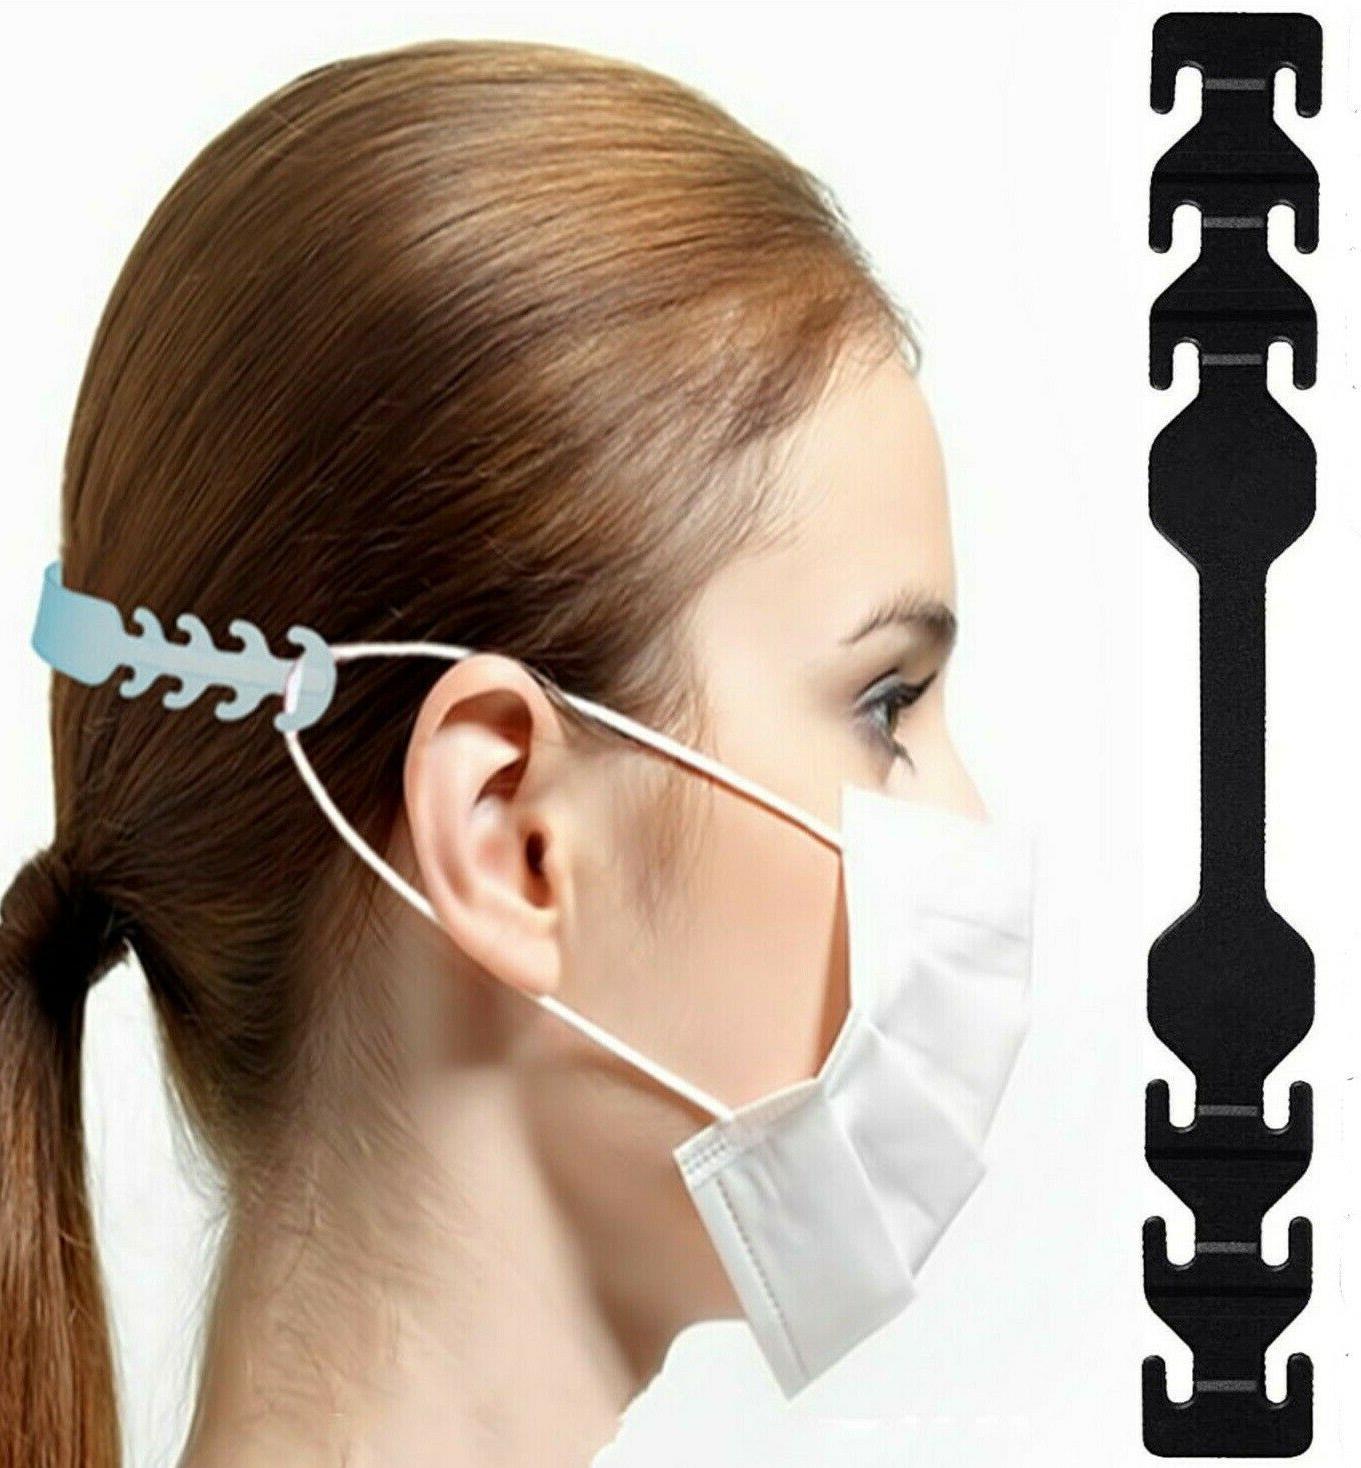 Face Mask Strap Adjustable Buckle Lot